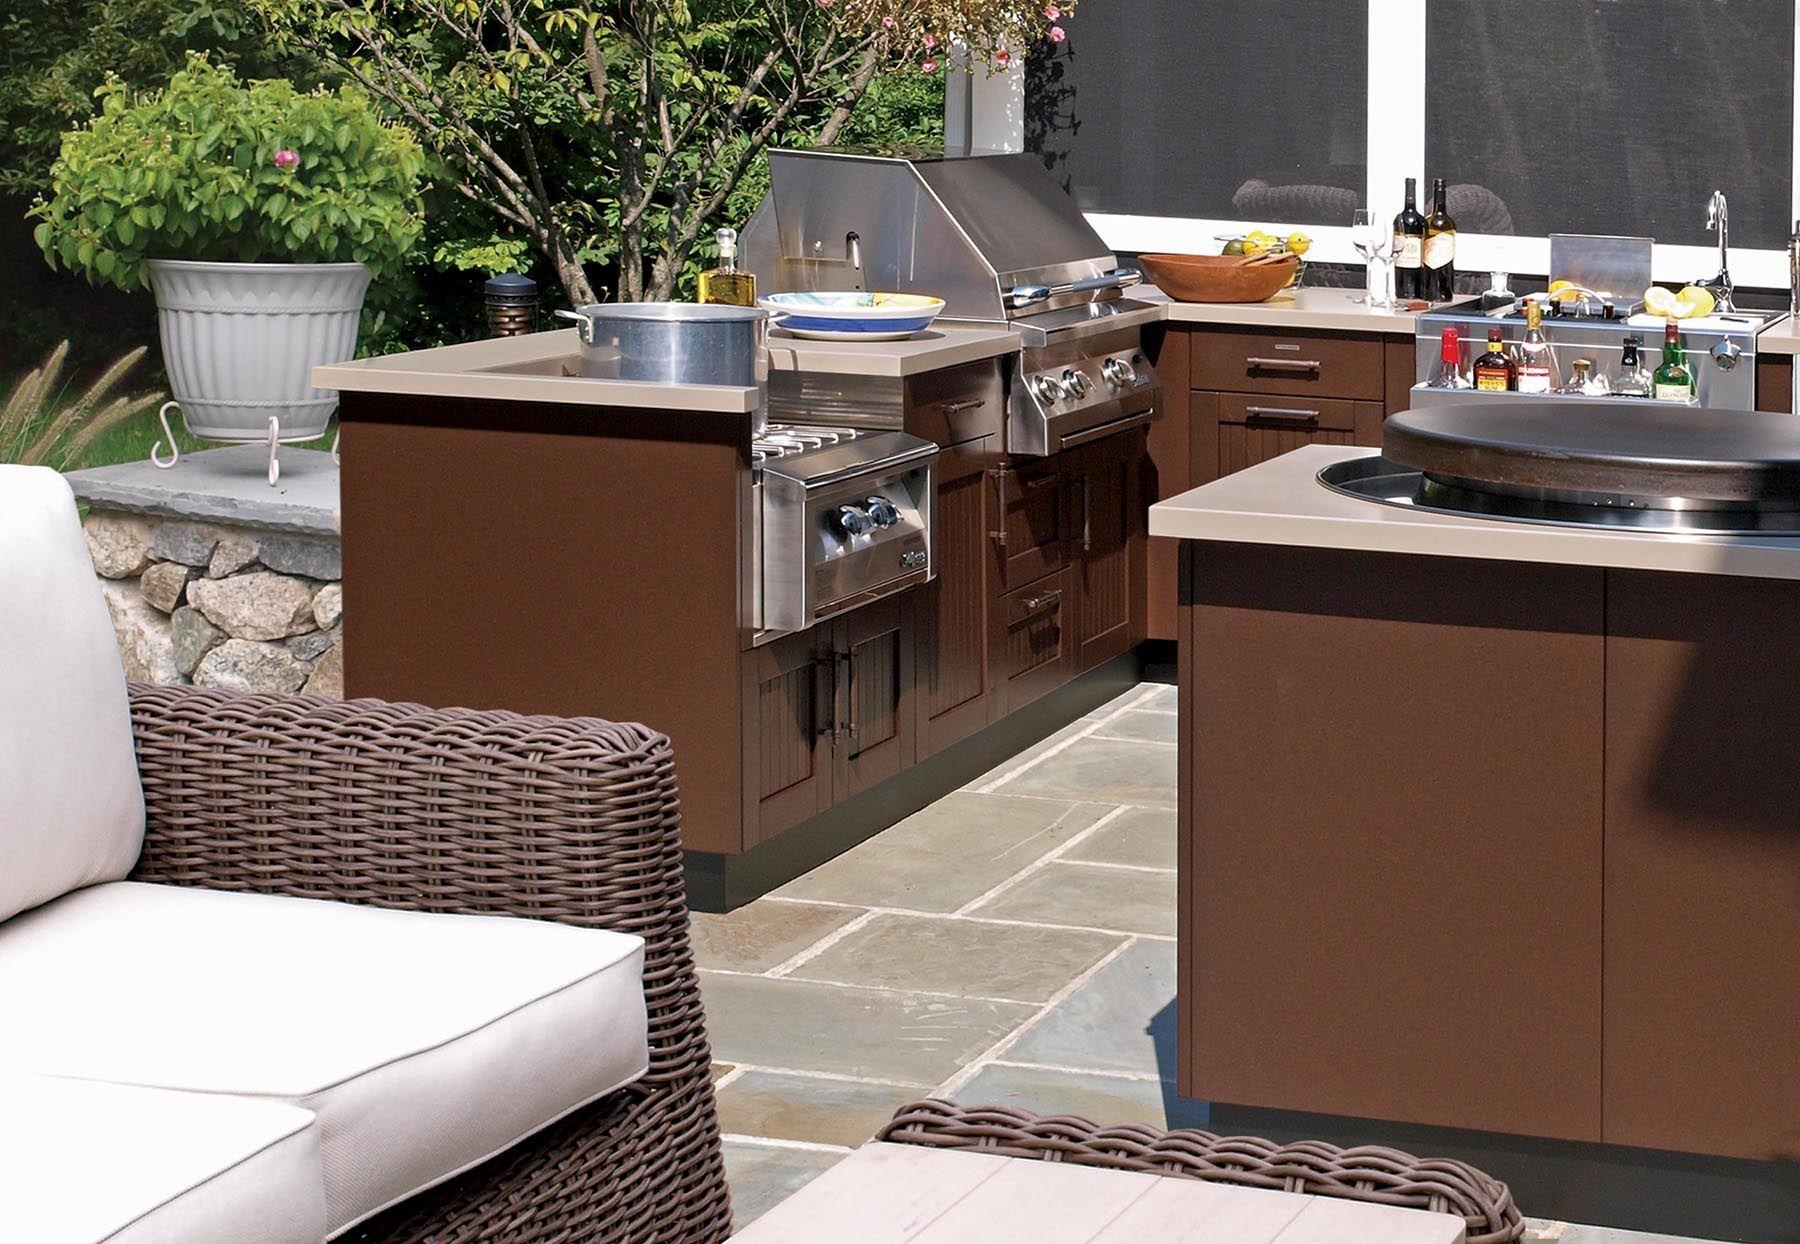 Brown Jordan Outdoor Kitchens | Outdoor Kitchen | Outdoor ...